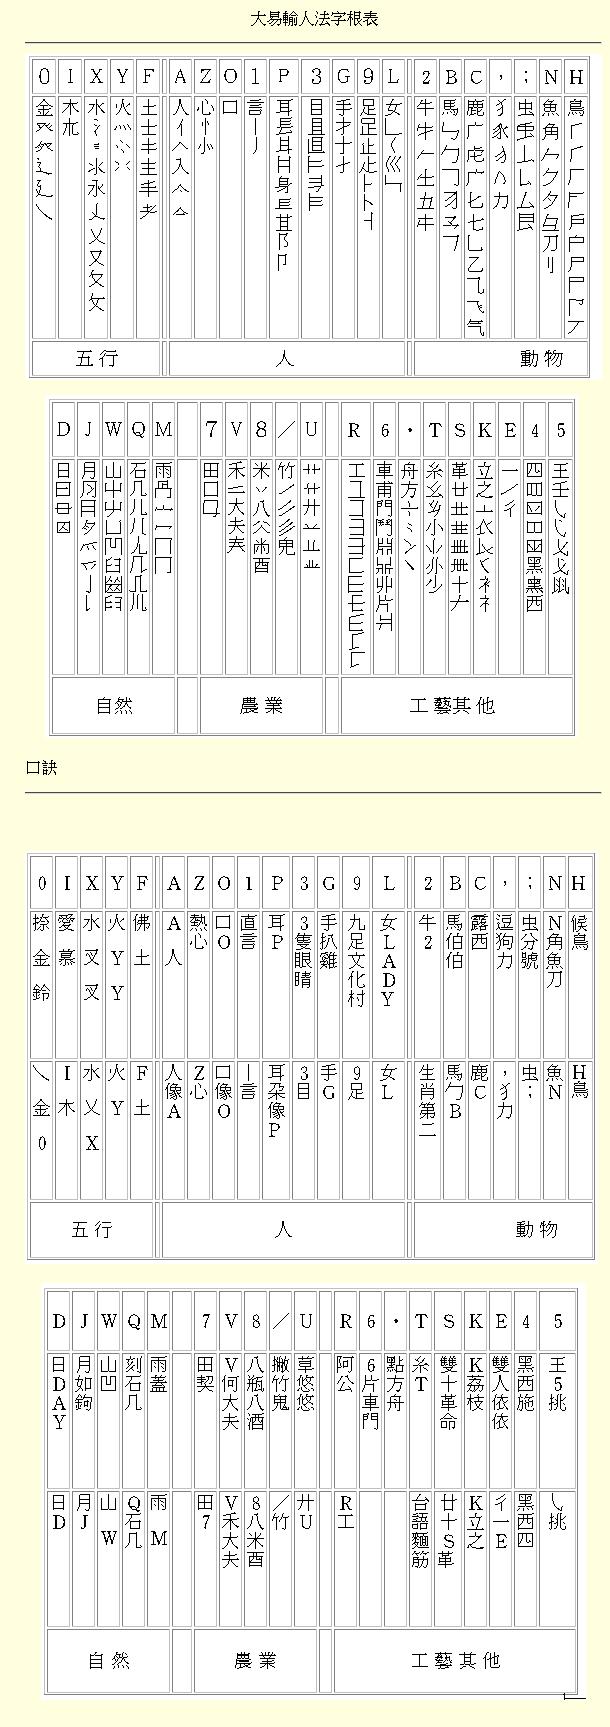 大易字根表 - 小小輸入法臺灣包2018年版使用說明